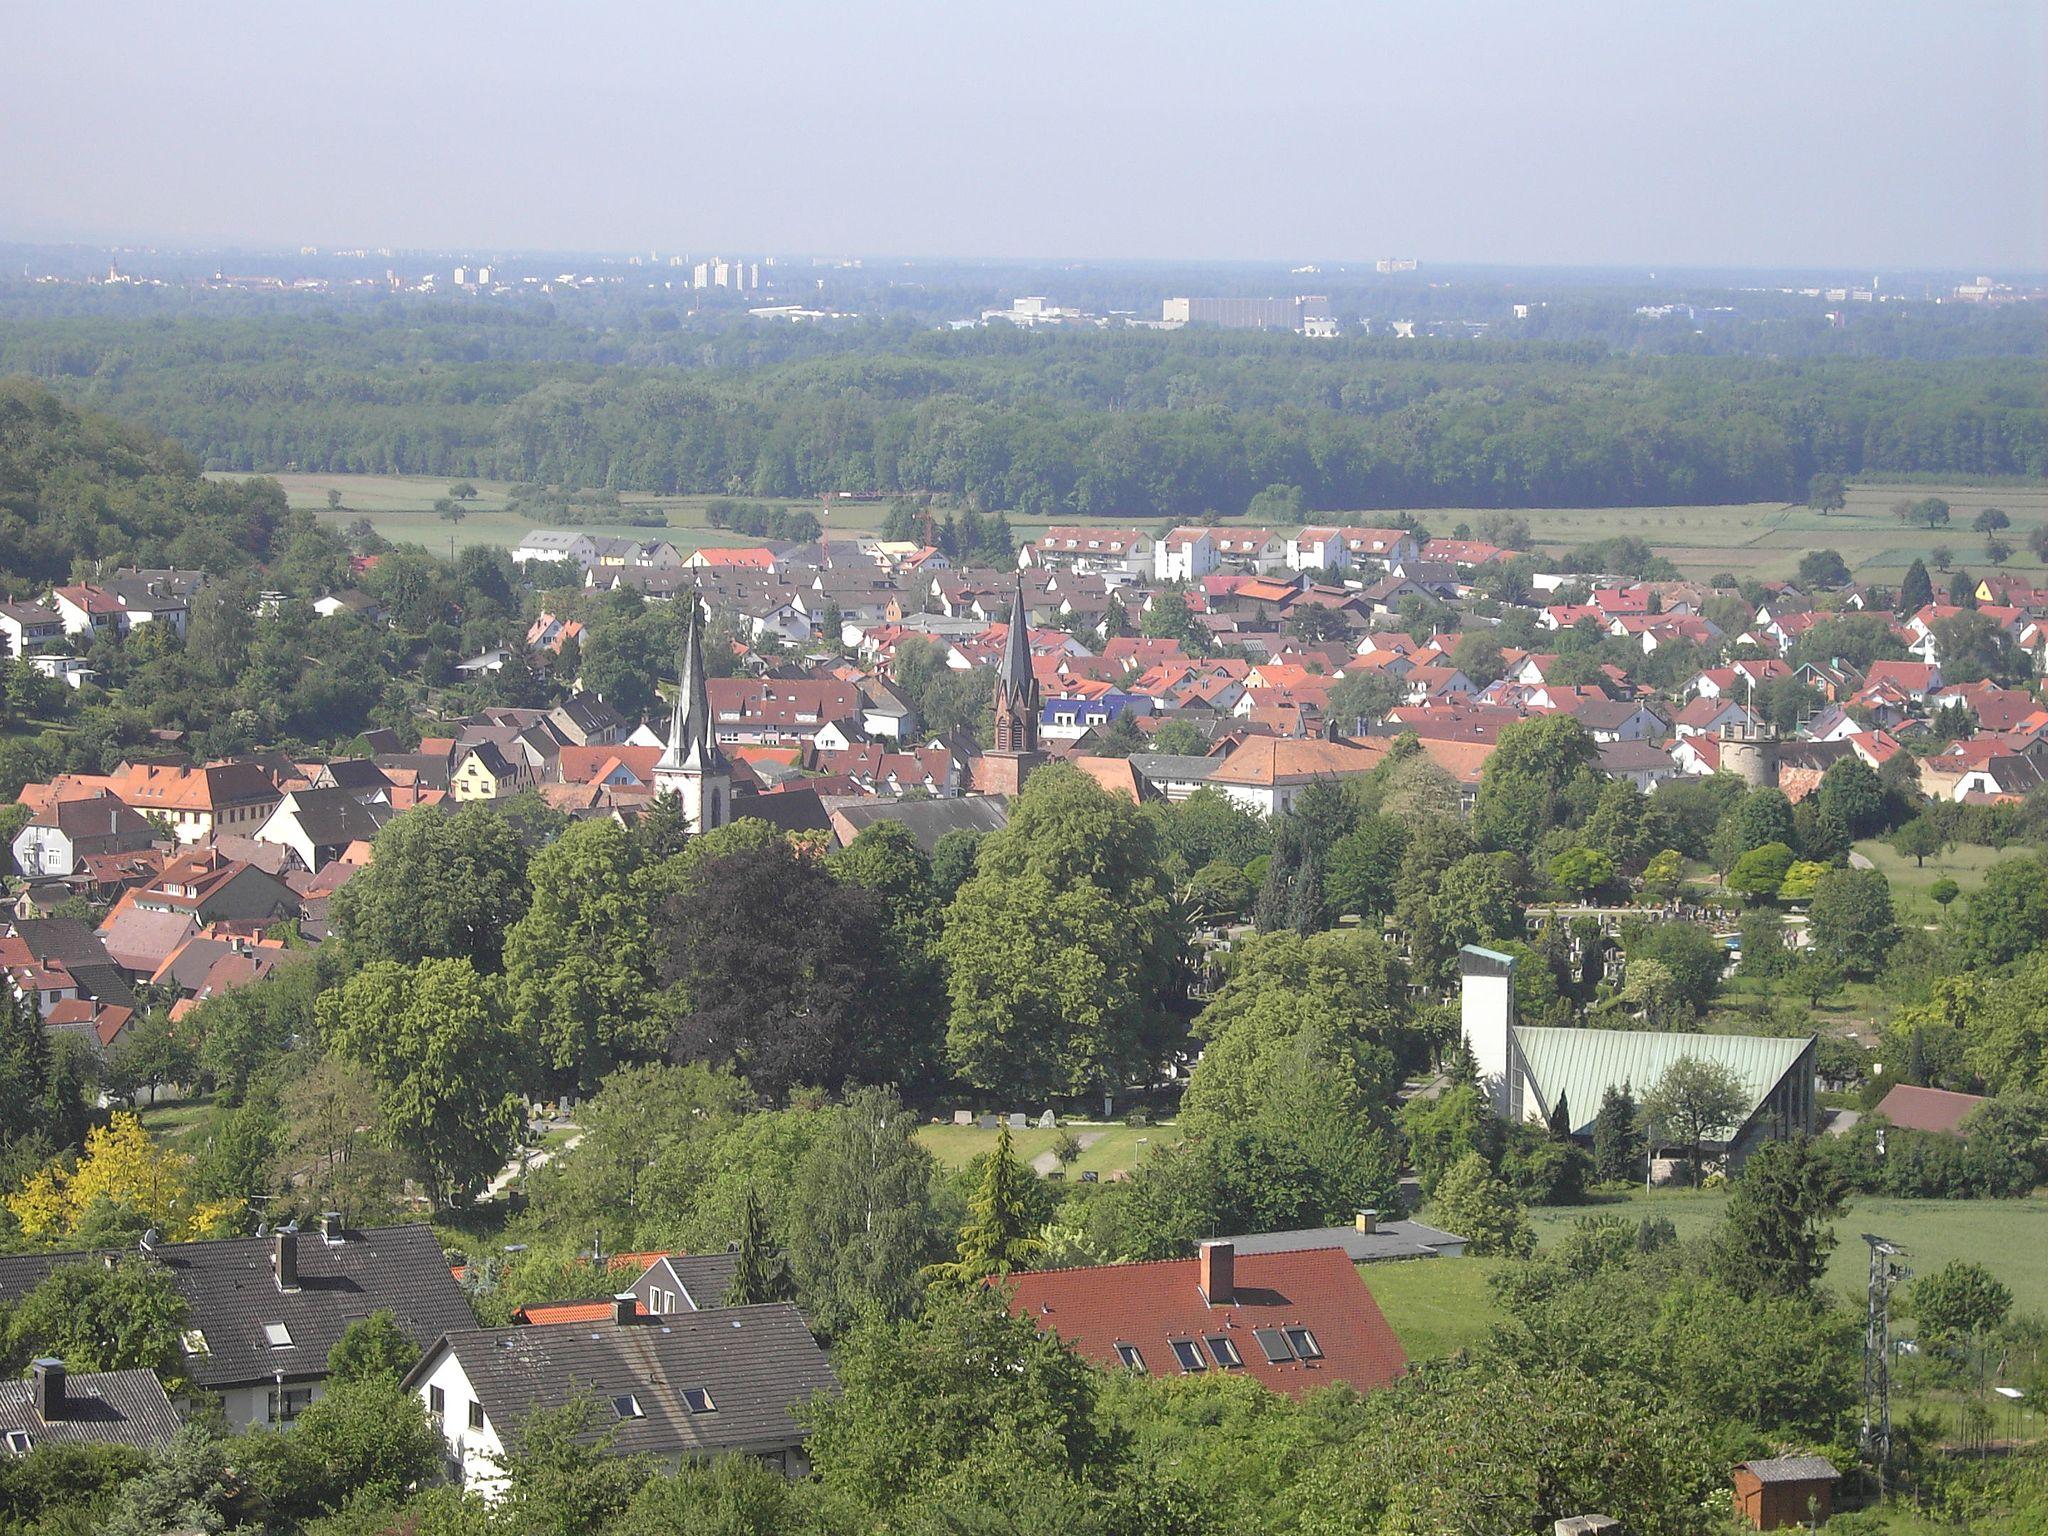 Wohnen amKirchberg